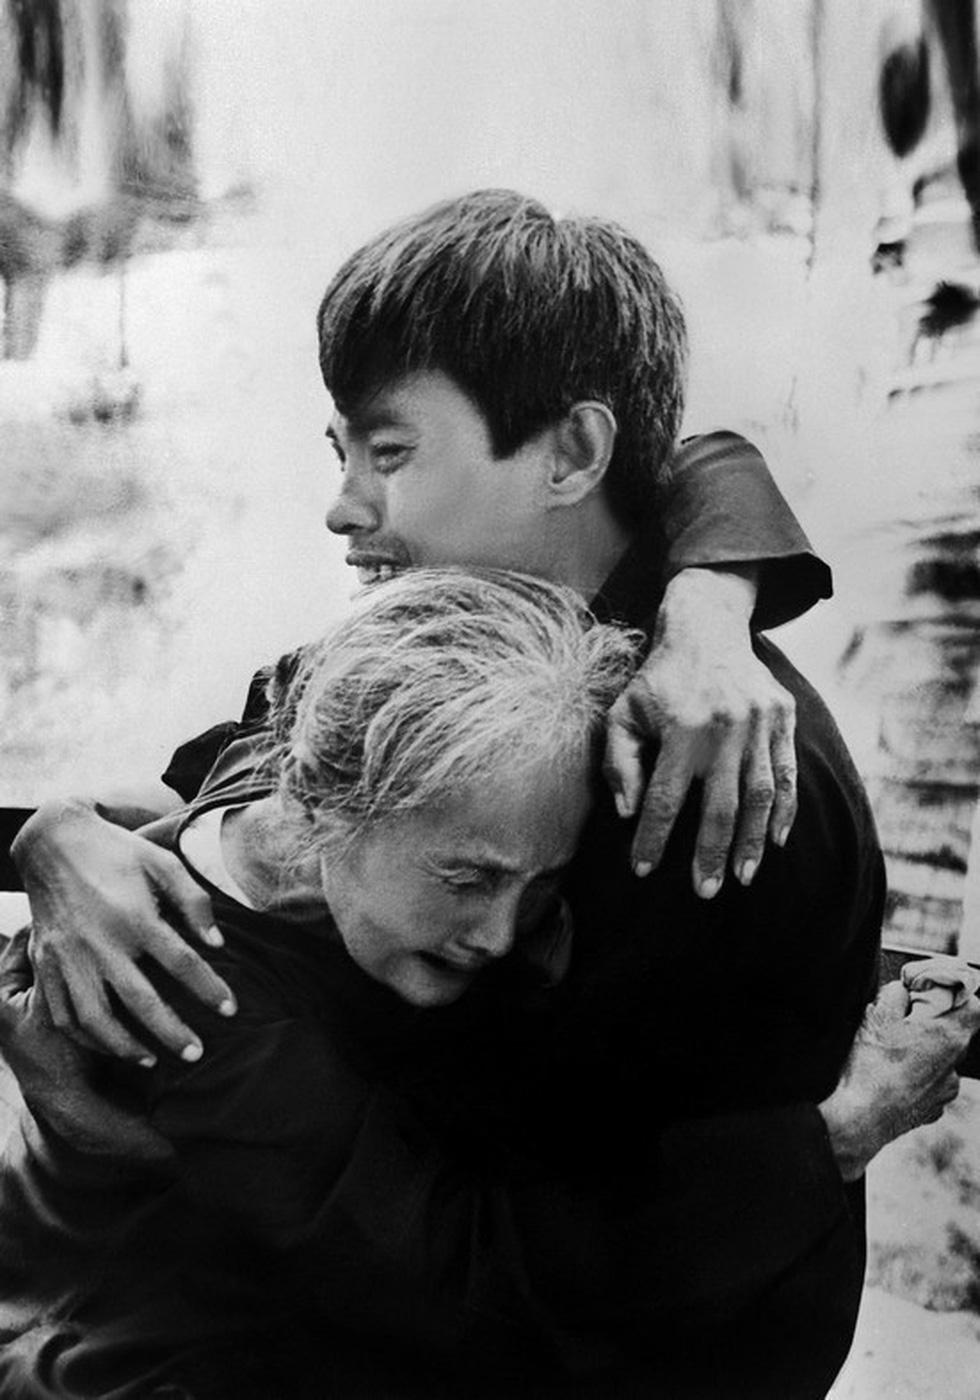 Chùm ảnh lịch sử vĩ đại 75 năm Quân đội nhân dân Việt Nam - Ảnh 9.